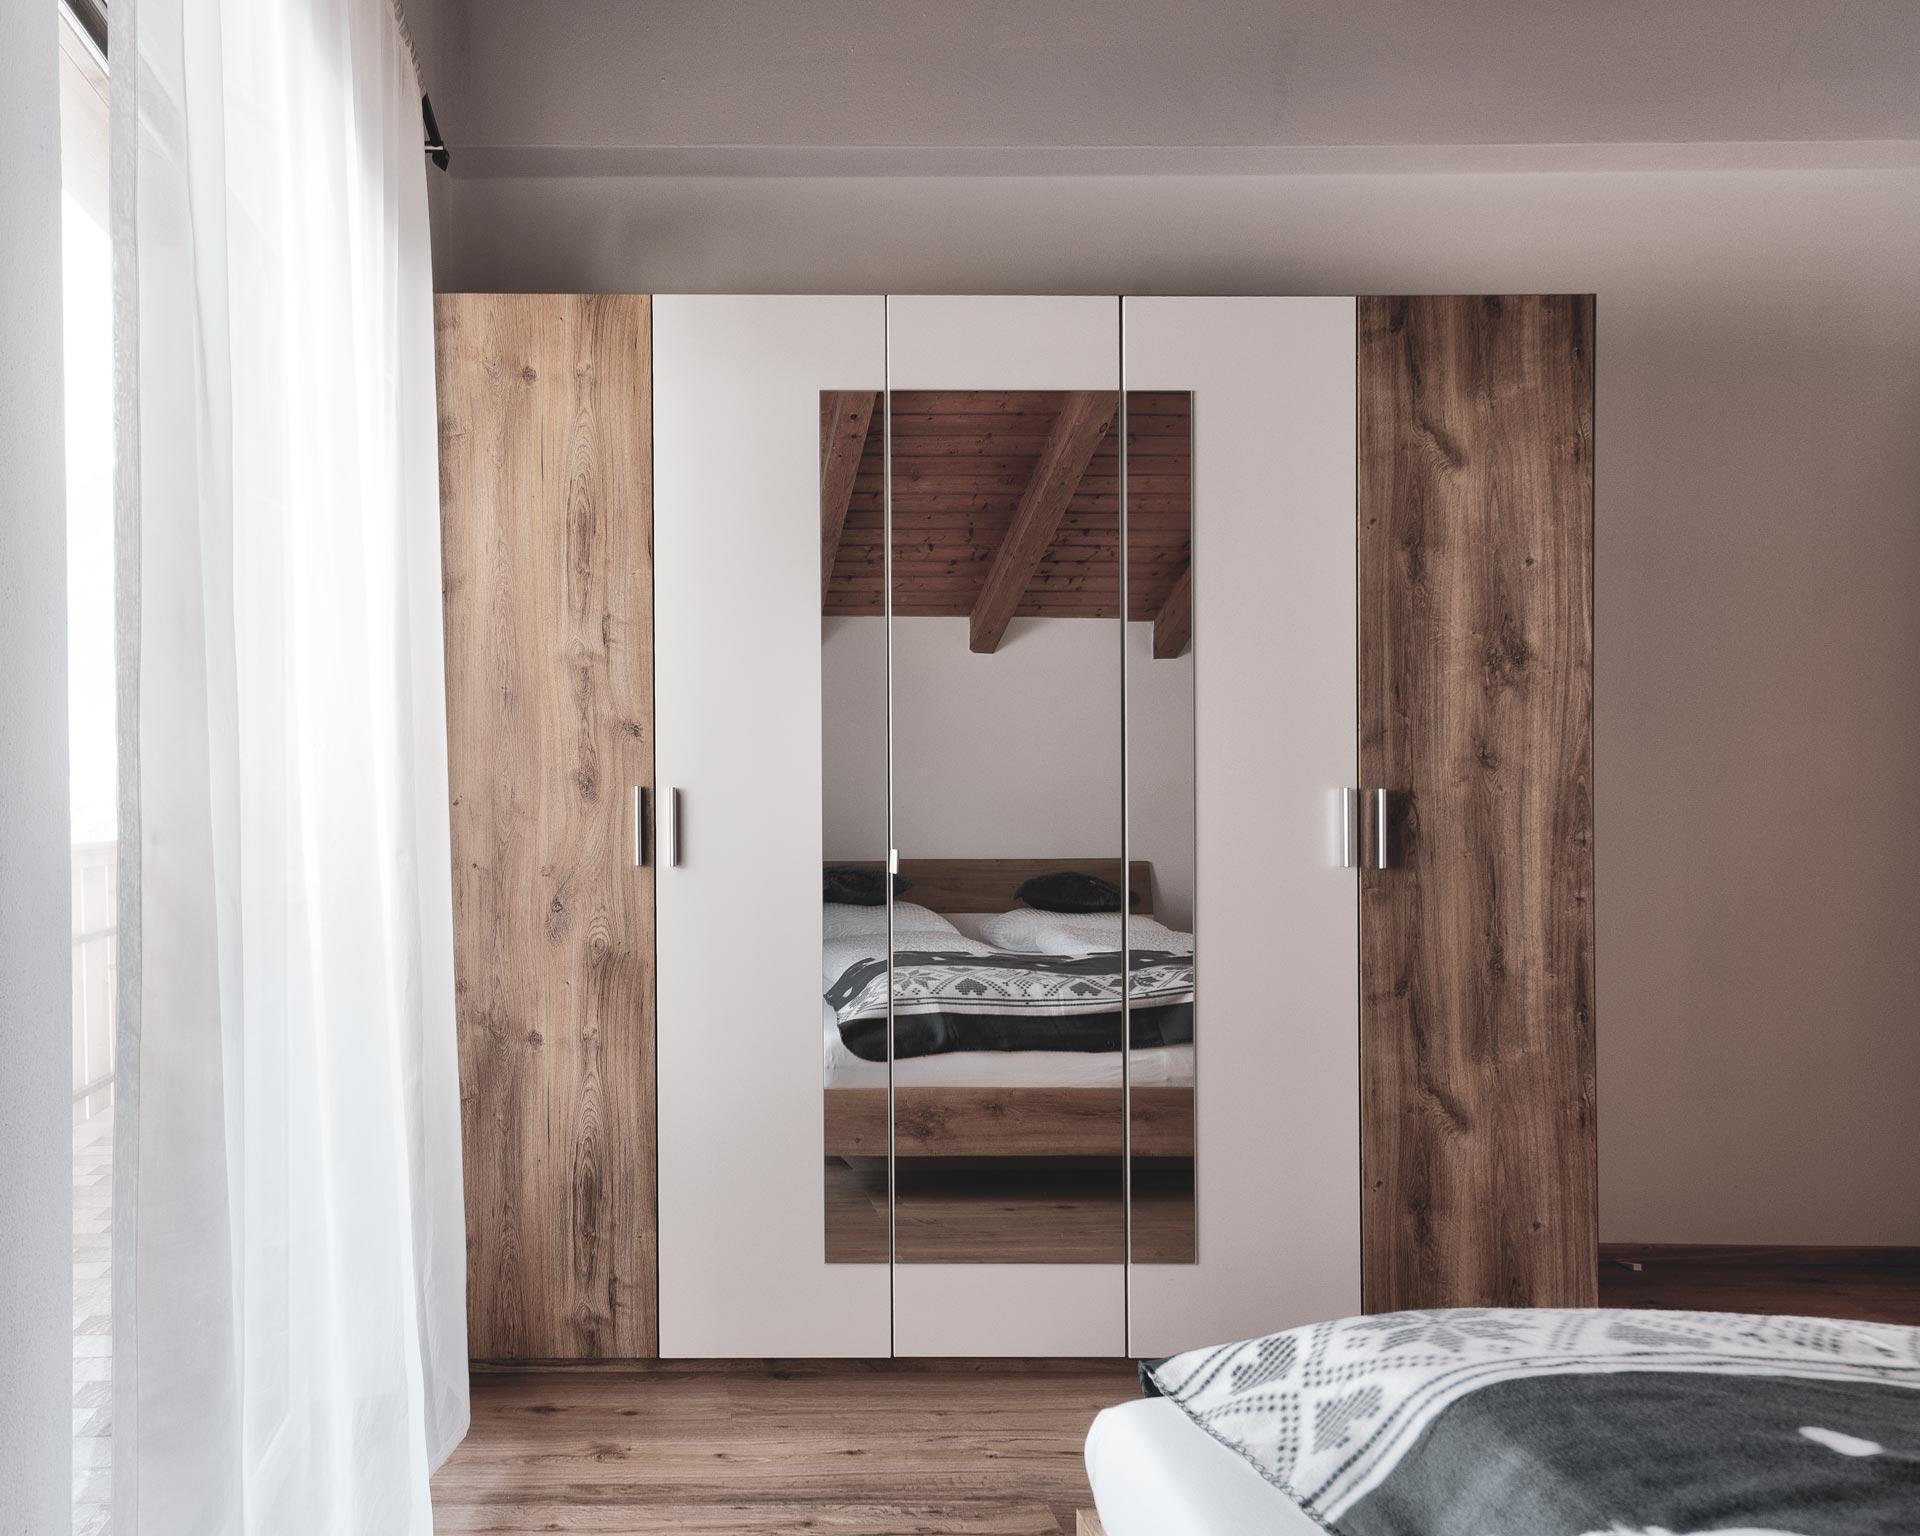 schrank schlafzimmer ahornach appartement pfarrwirt sand in taufers